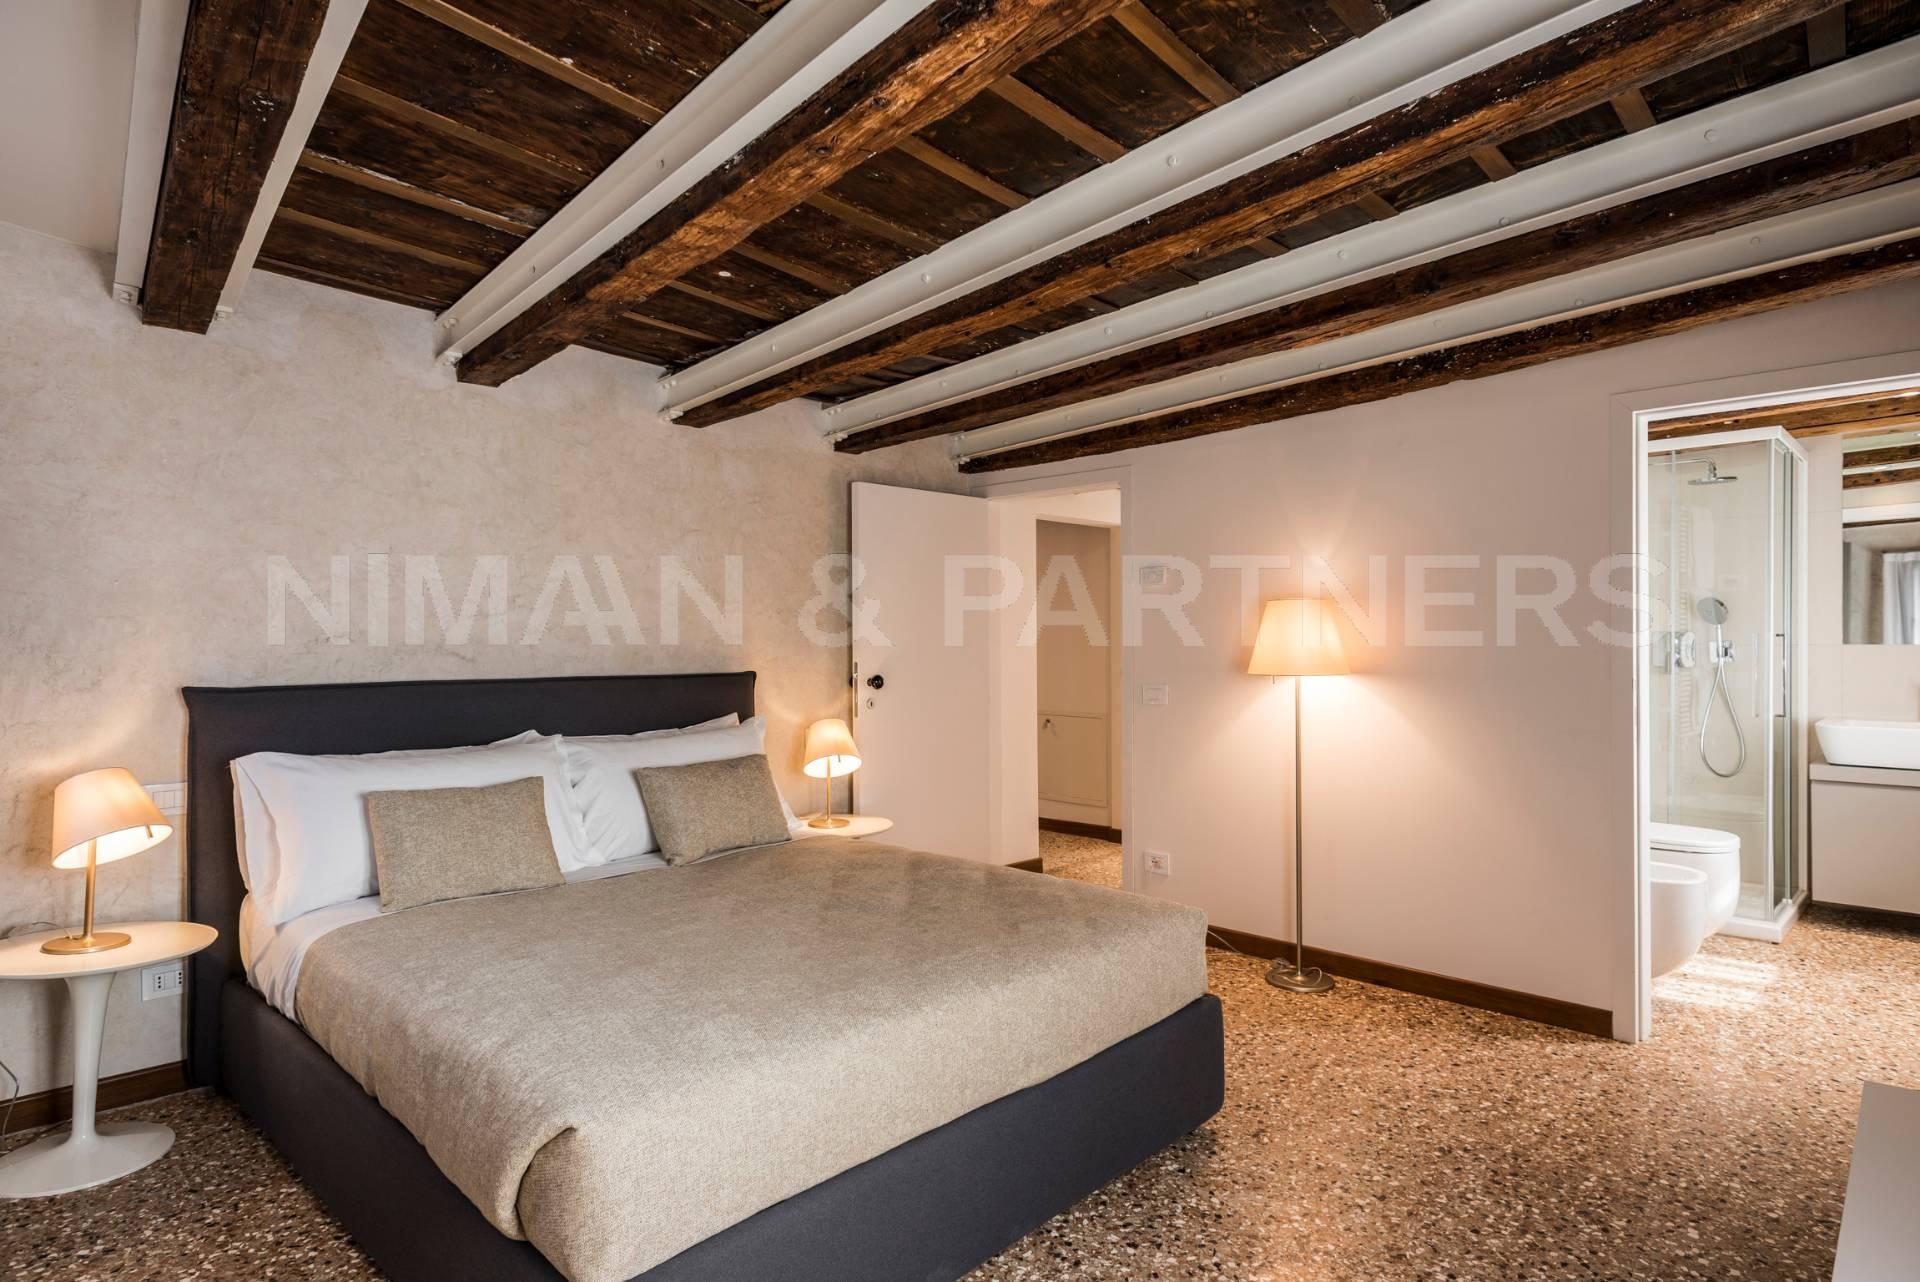 Appartamento in vendita a Venezia, 3 locali, zona Zona: 6 . Dorsoduro, prezzo € 659.000 | Cambio Casa.it